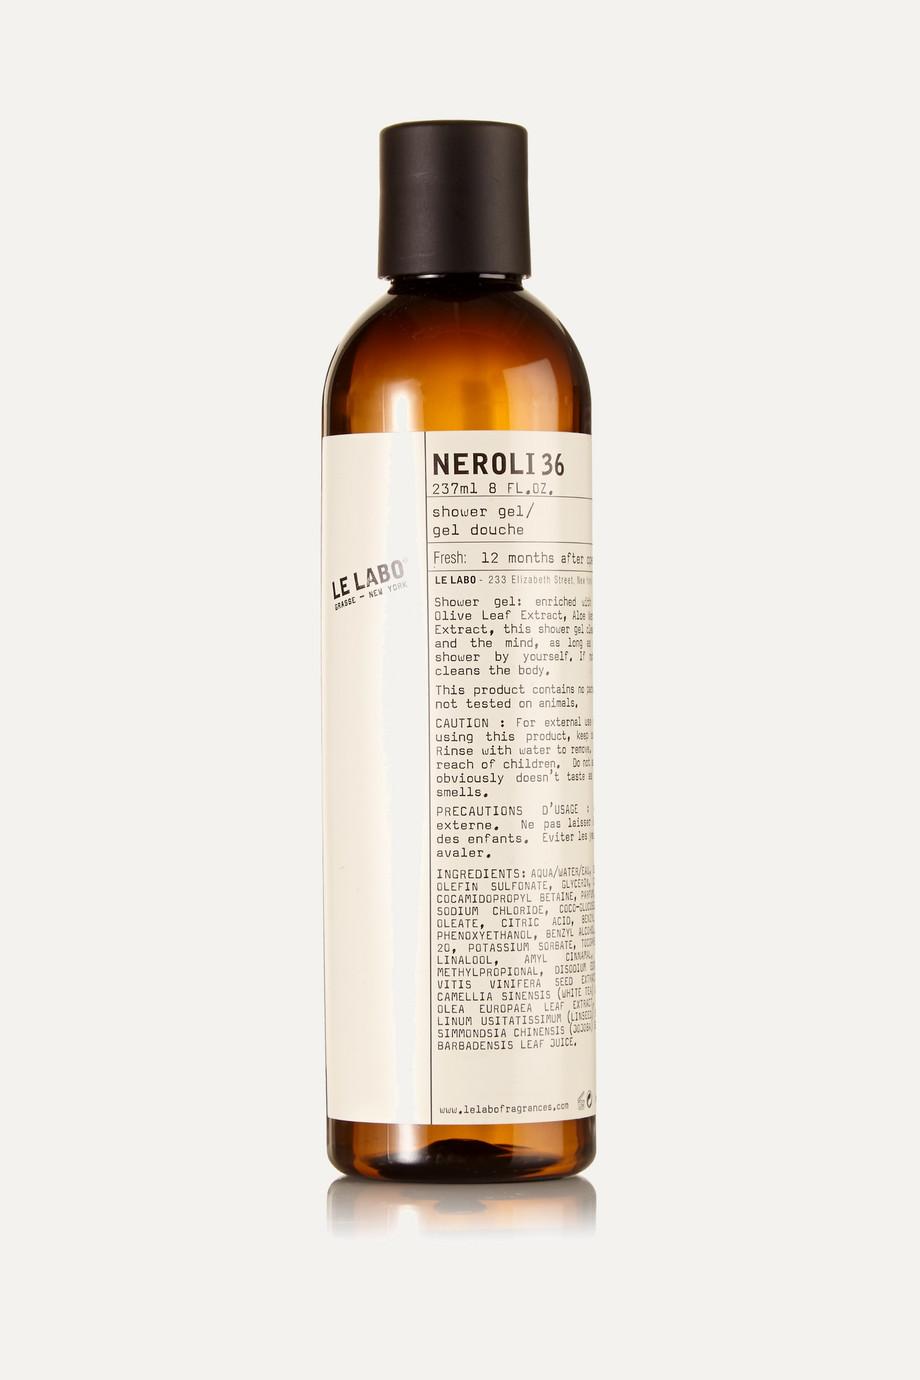 Le Labo Neroli 36 Shower Gel, 237ml – Duschgel